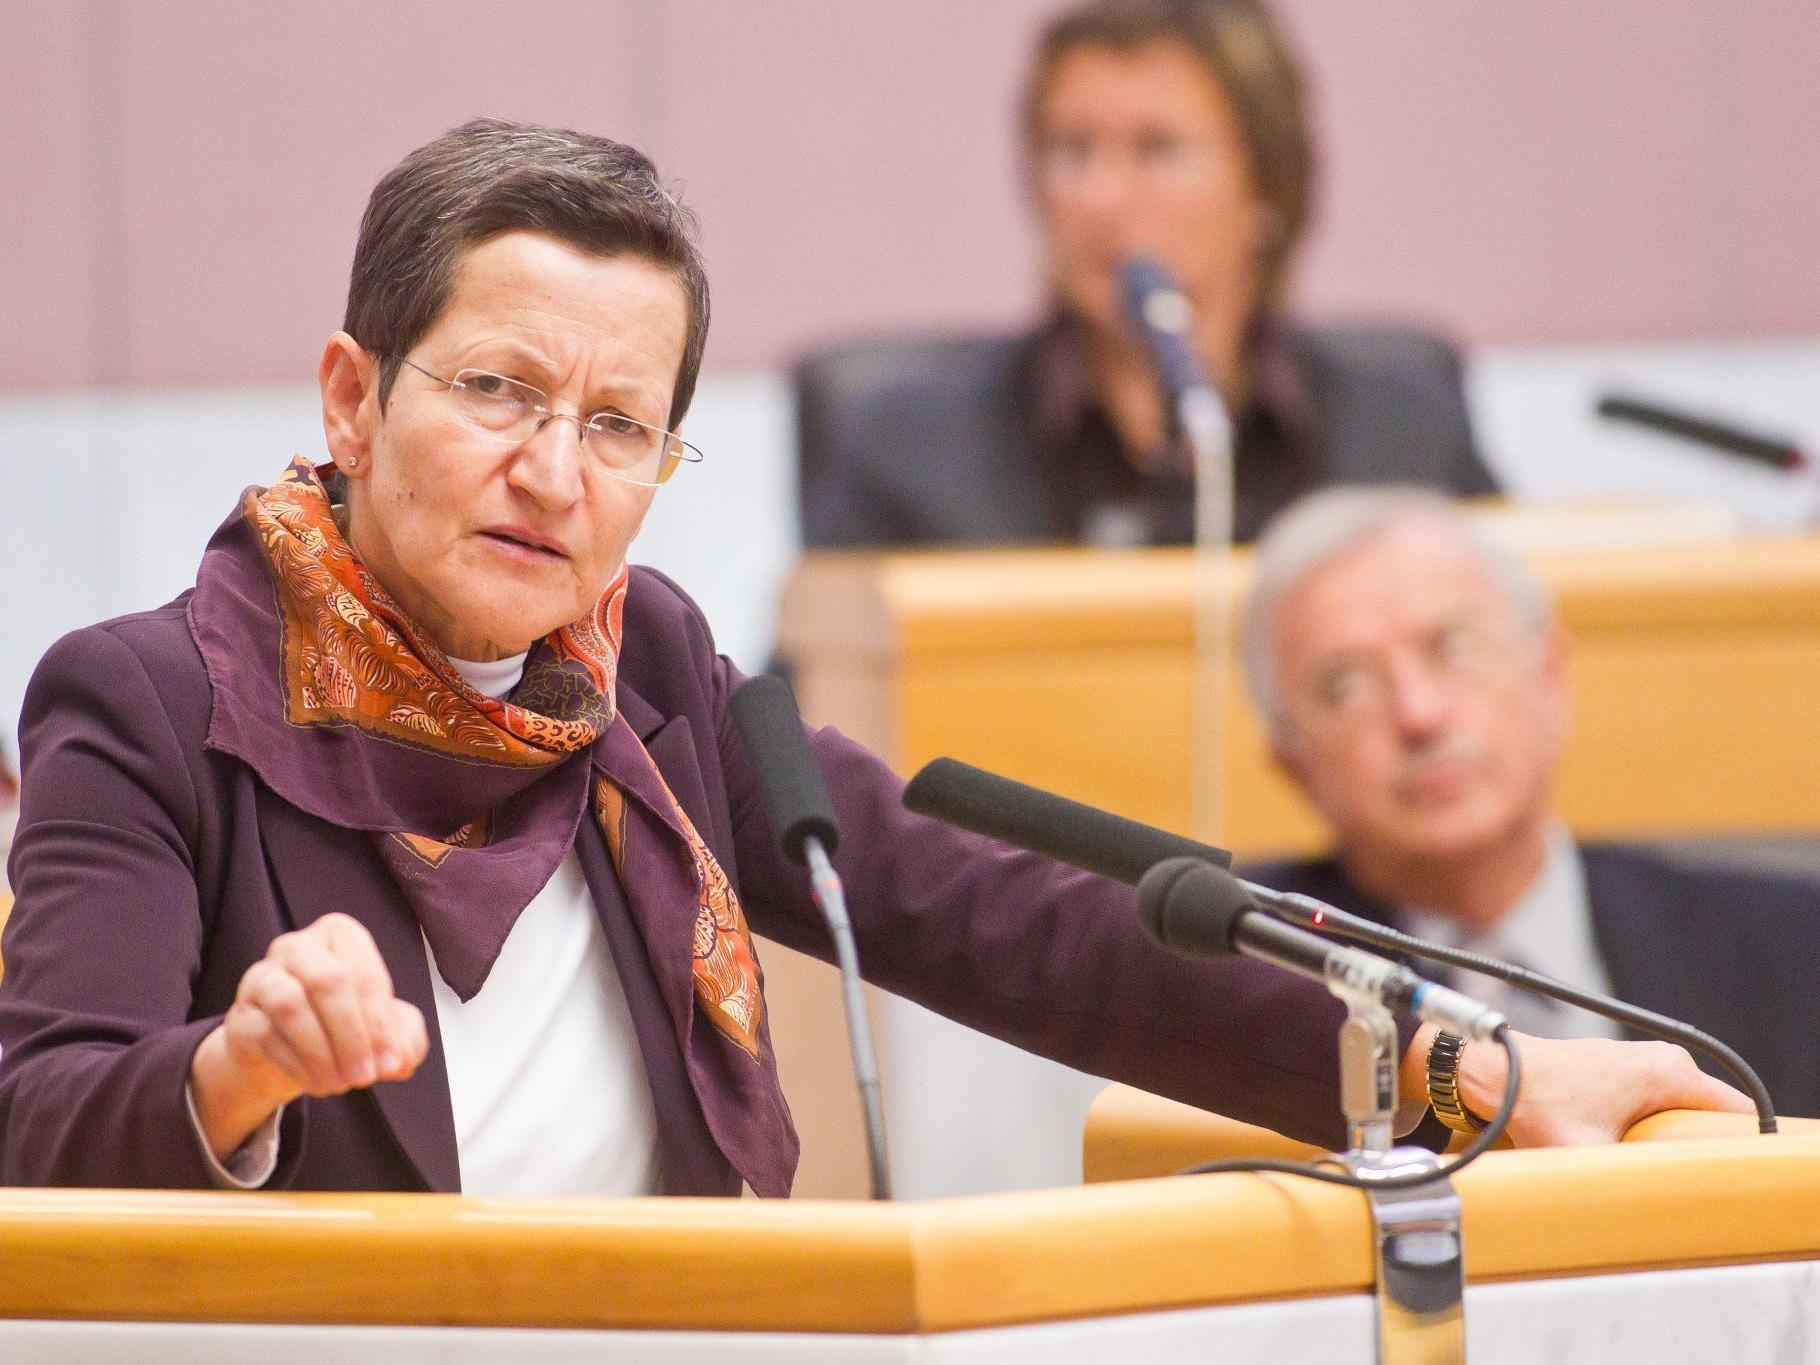 Landesrätin Schmid zum Frauentag am 8. März.